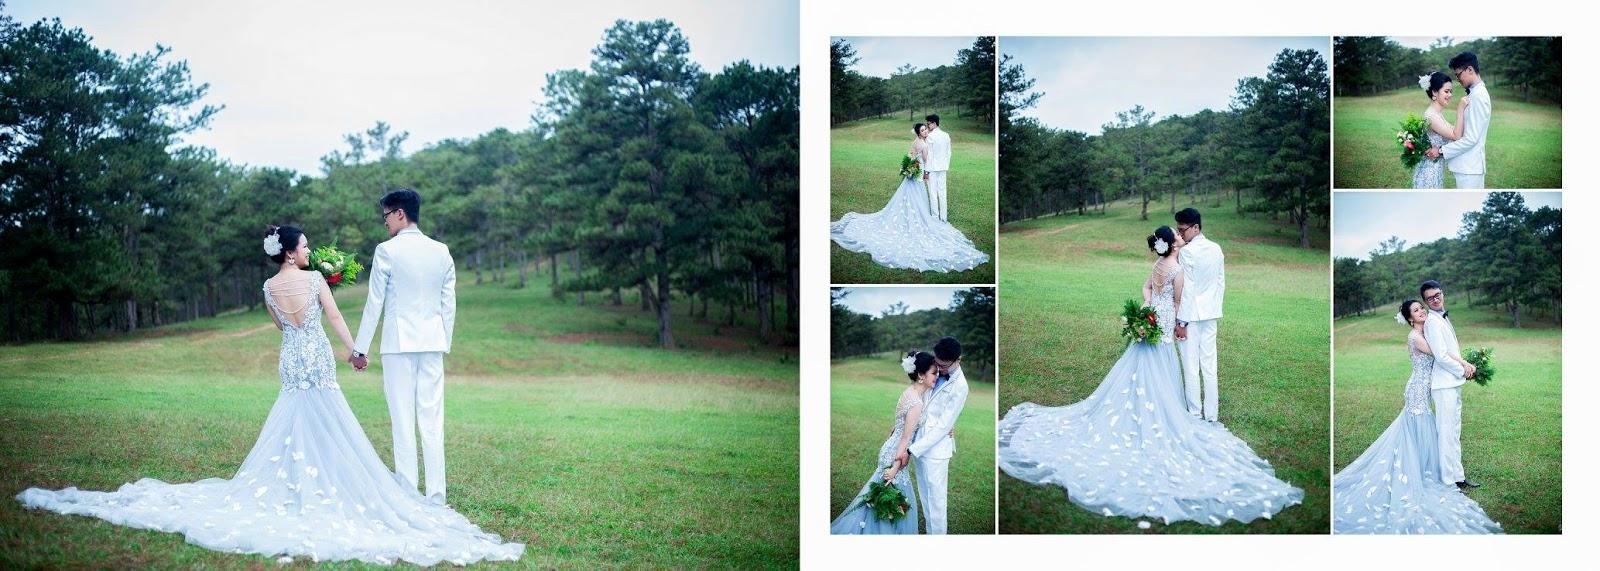 Chụp ảnh cưới là bước đầu tiên cho việc chuẩn bị đám cưới của các cặp đôi. Vì vậy hầu hết mọi người đều có tâm lý băn khoăn, không biết nên ...